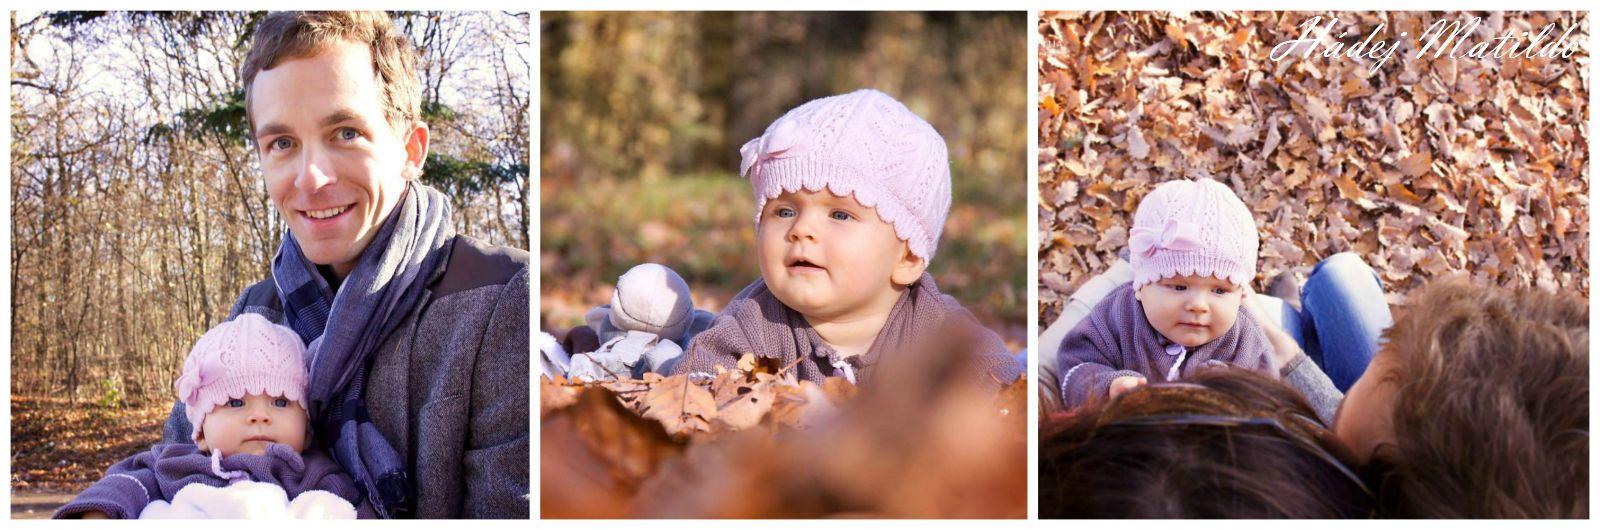 rodinka, rodinné focení, podzim